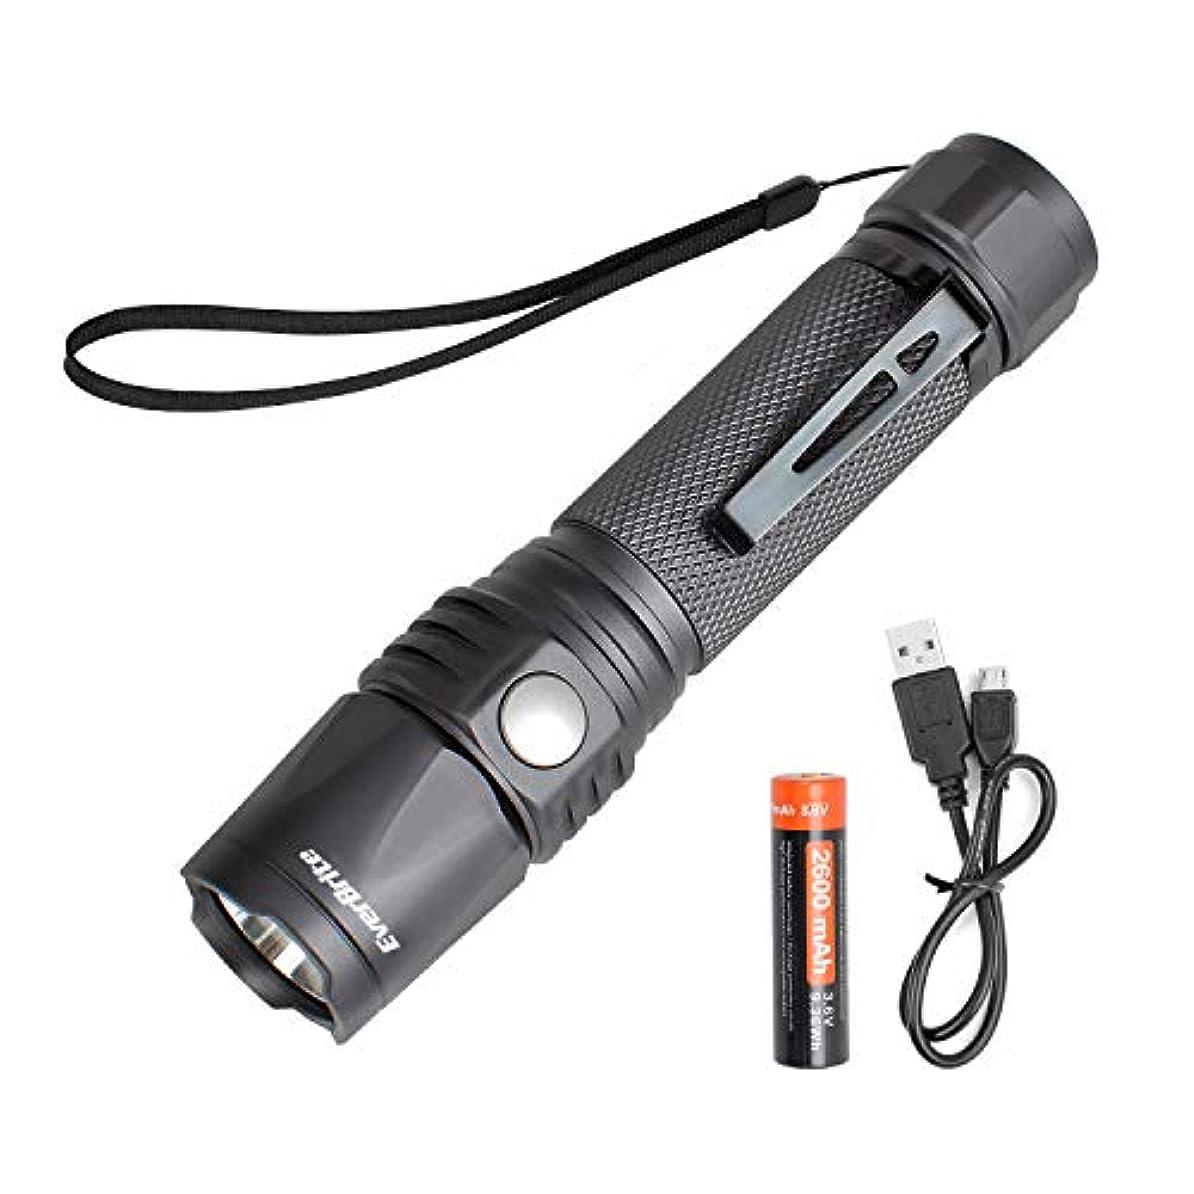 近所のコークス書き込みDuraBrite LEDフラッシュライト 550ルーメン  IP68防水 防塵 7段階の点灯モード 18650バッテリとUSBコードが付き キャンプ 停電 防災対策